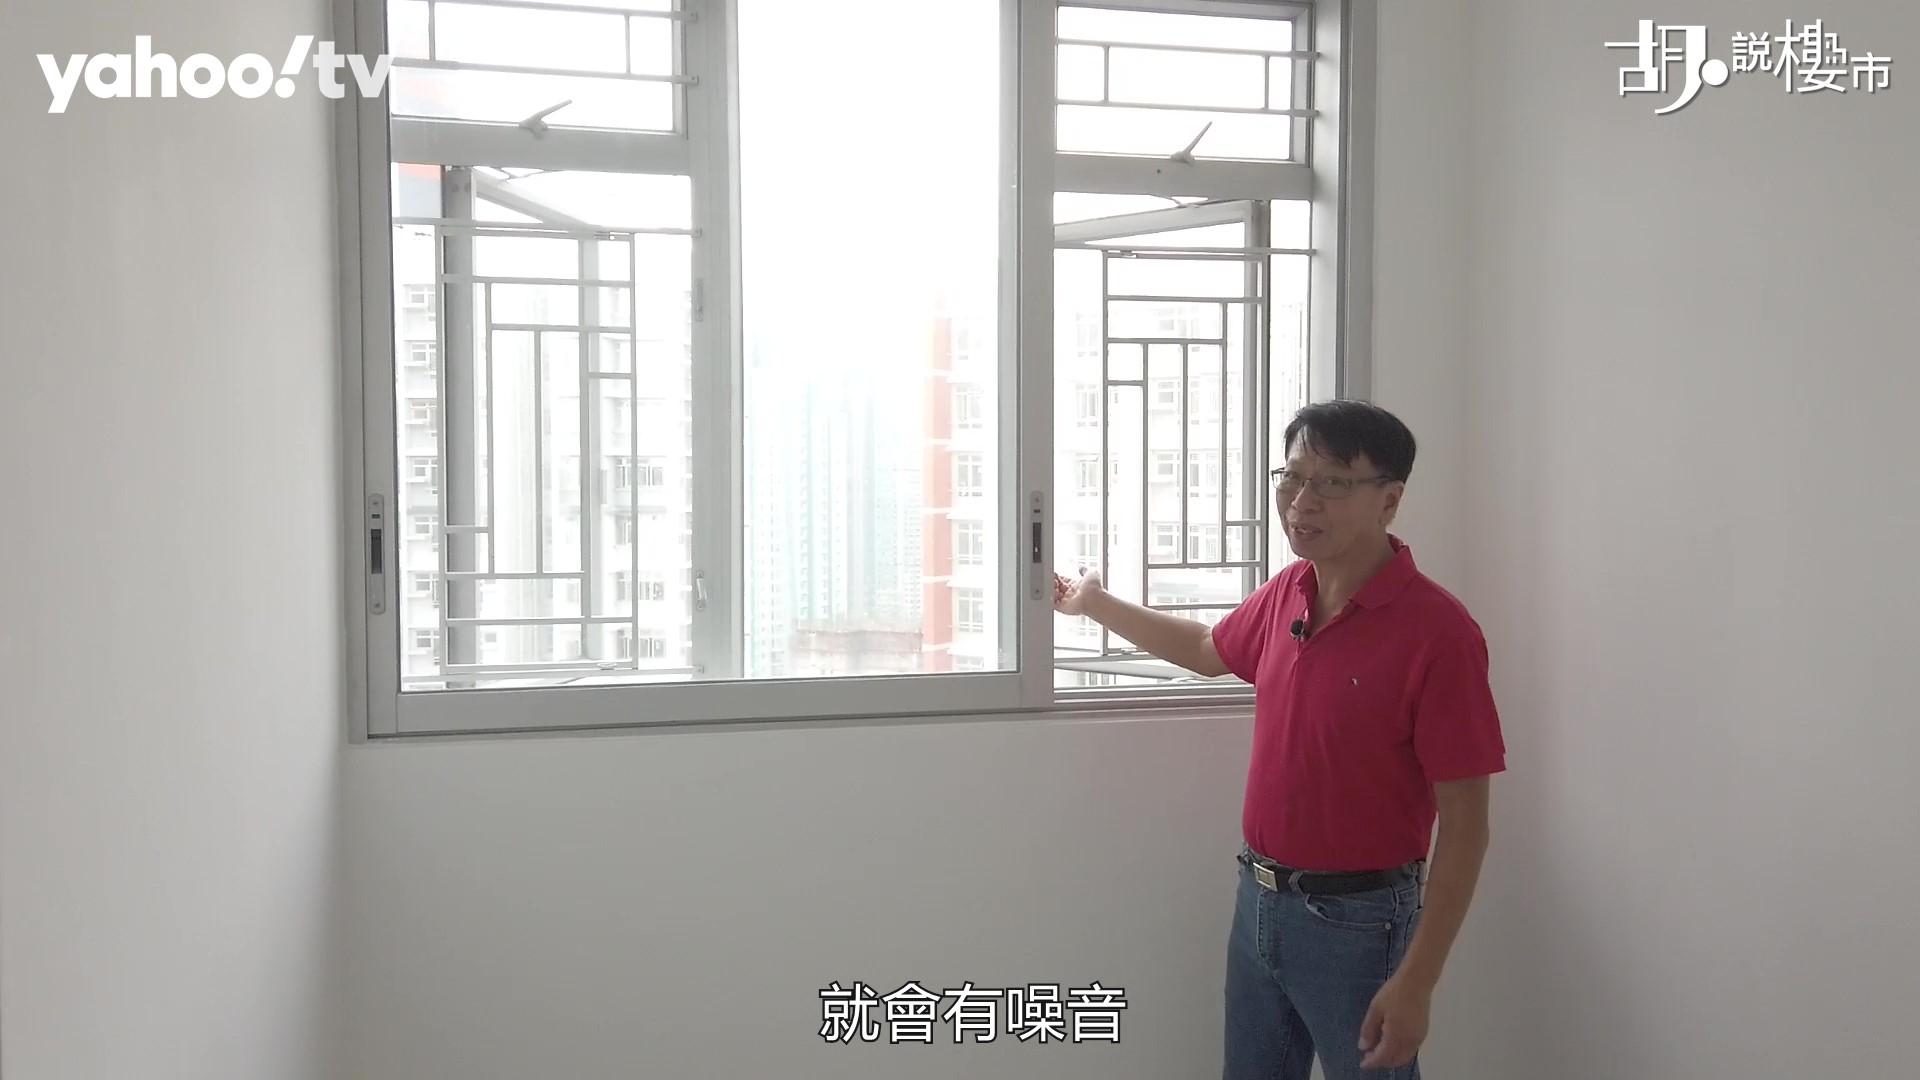 【胡.說樓市】長沙灣凱樂苑交樓 隔音窗不華不實?